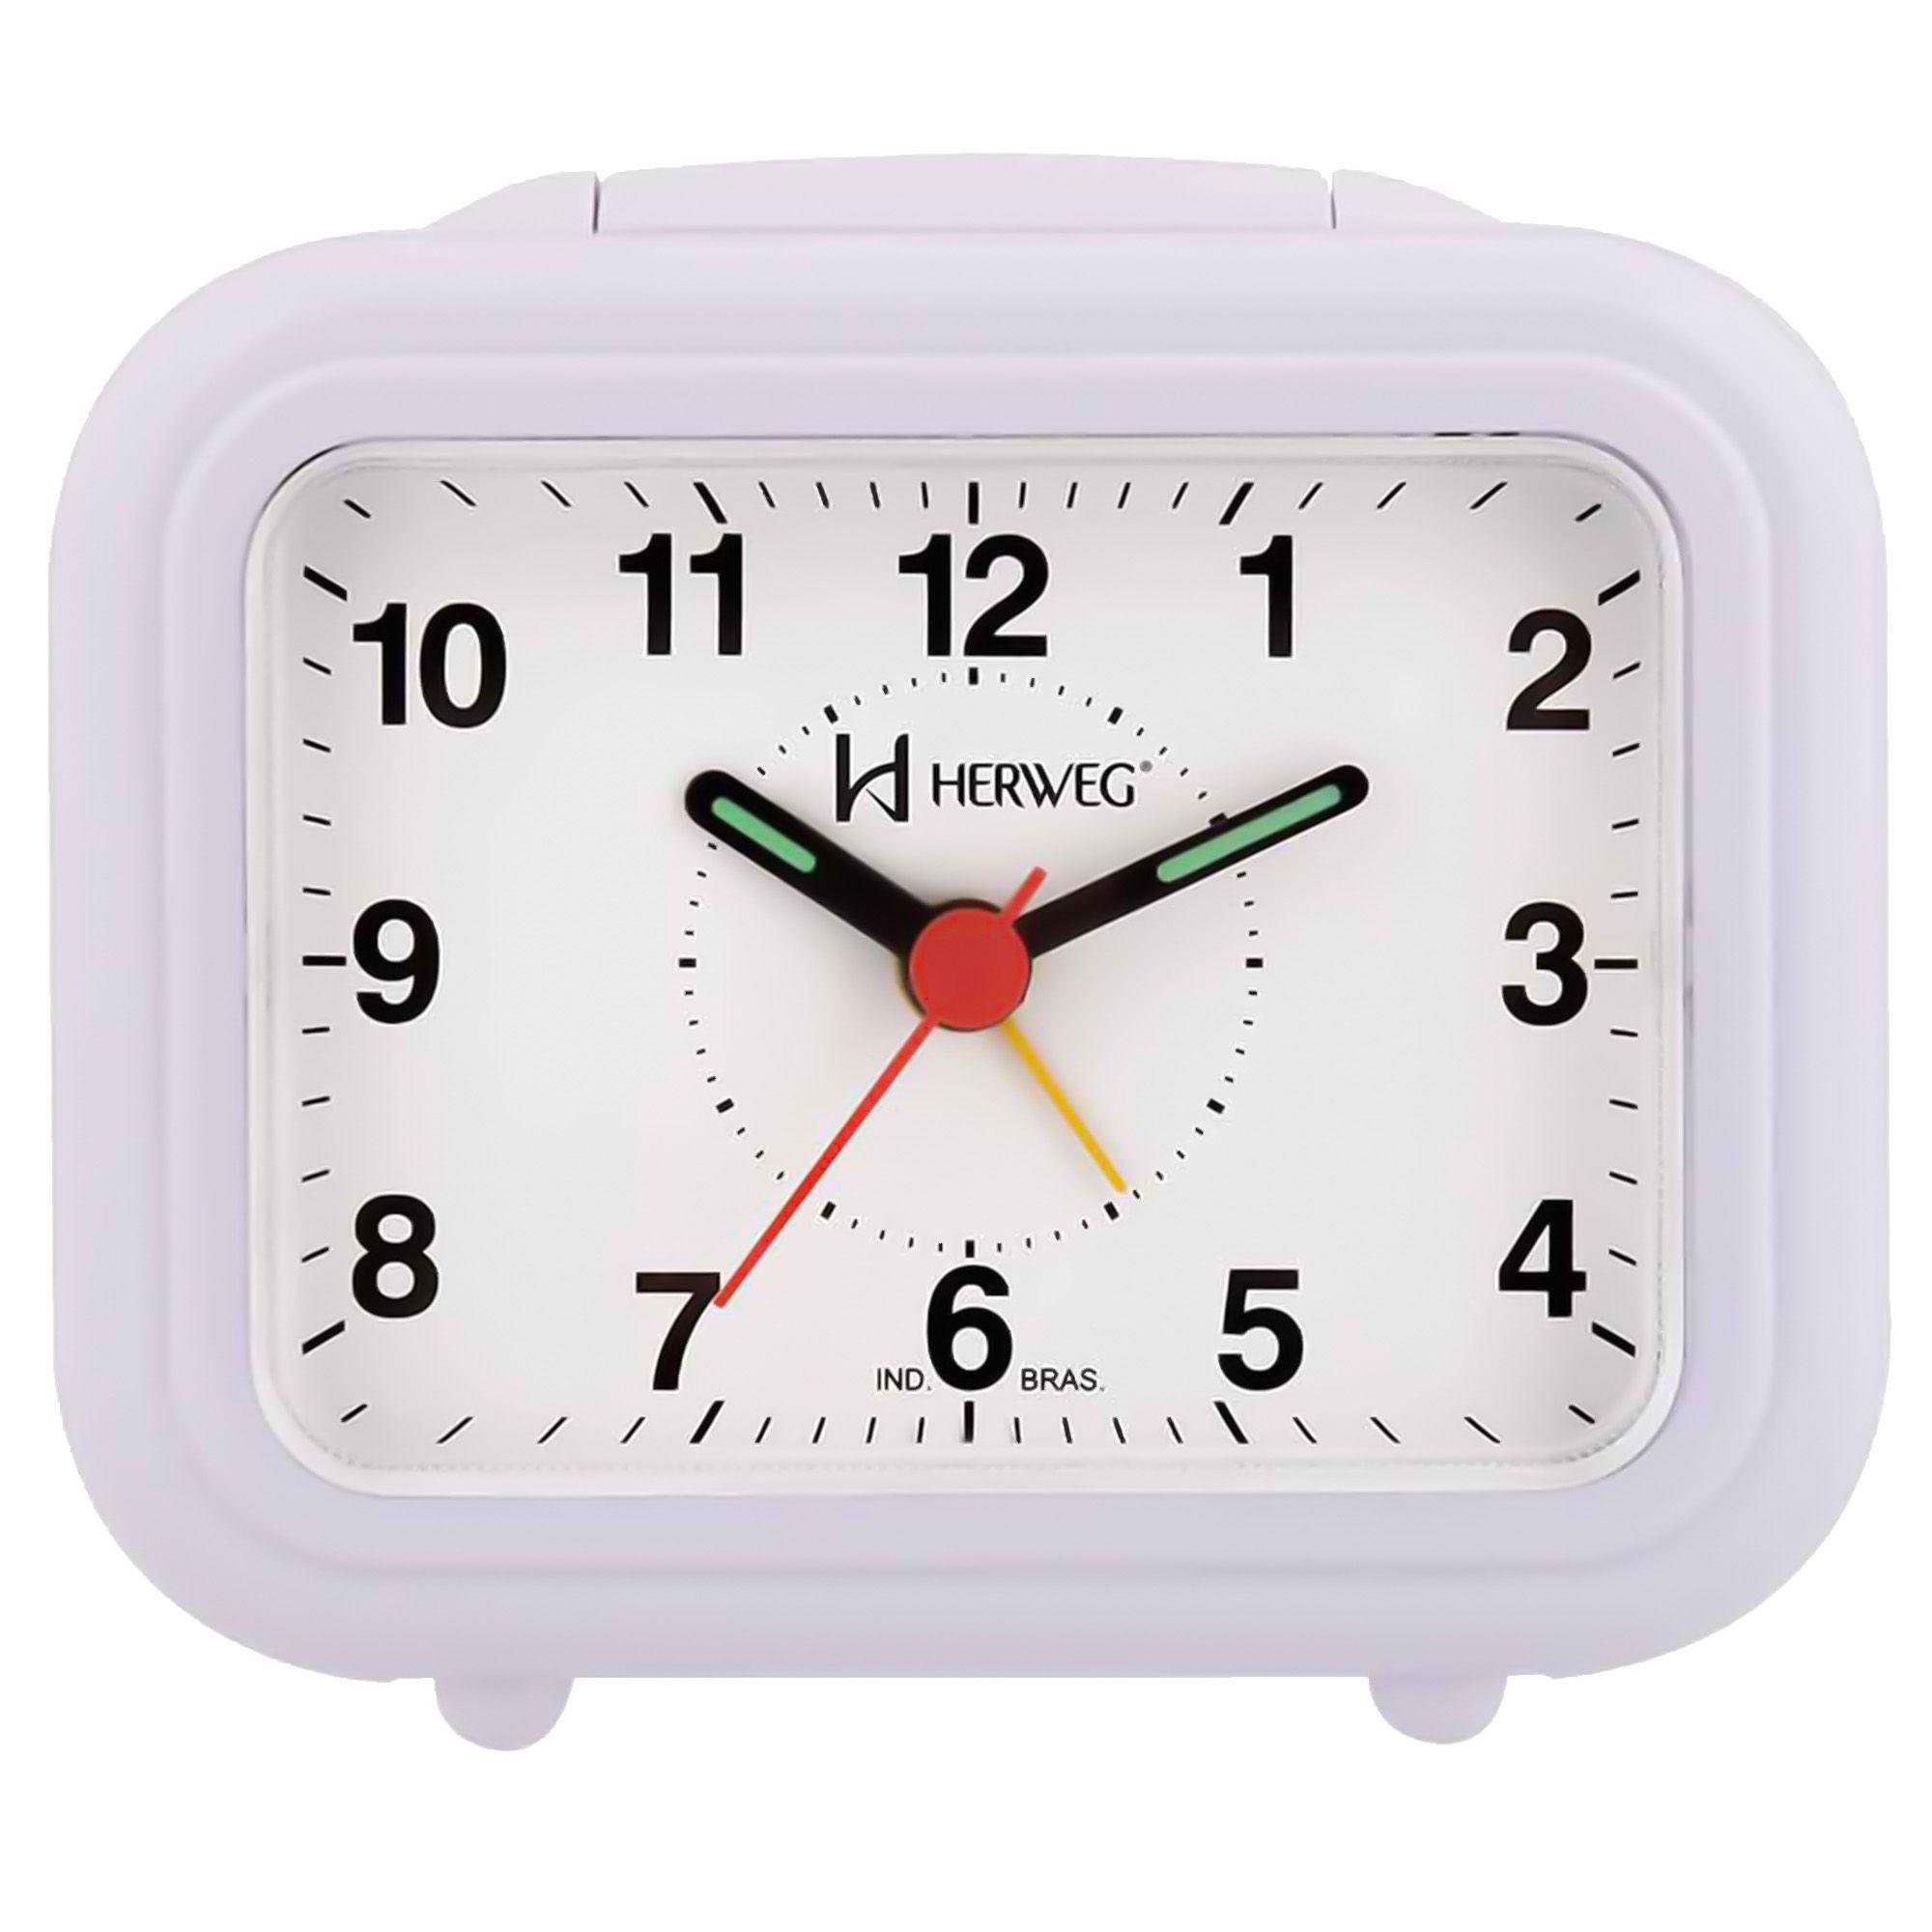 Despertador Analógico Quartzo Herweg 2630 087 Branco Anil